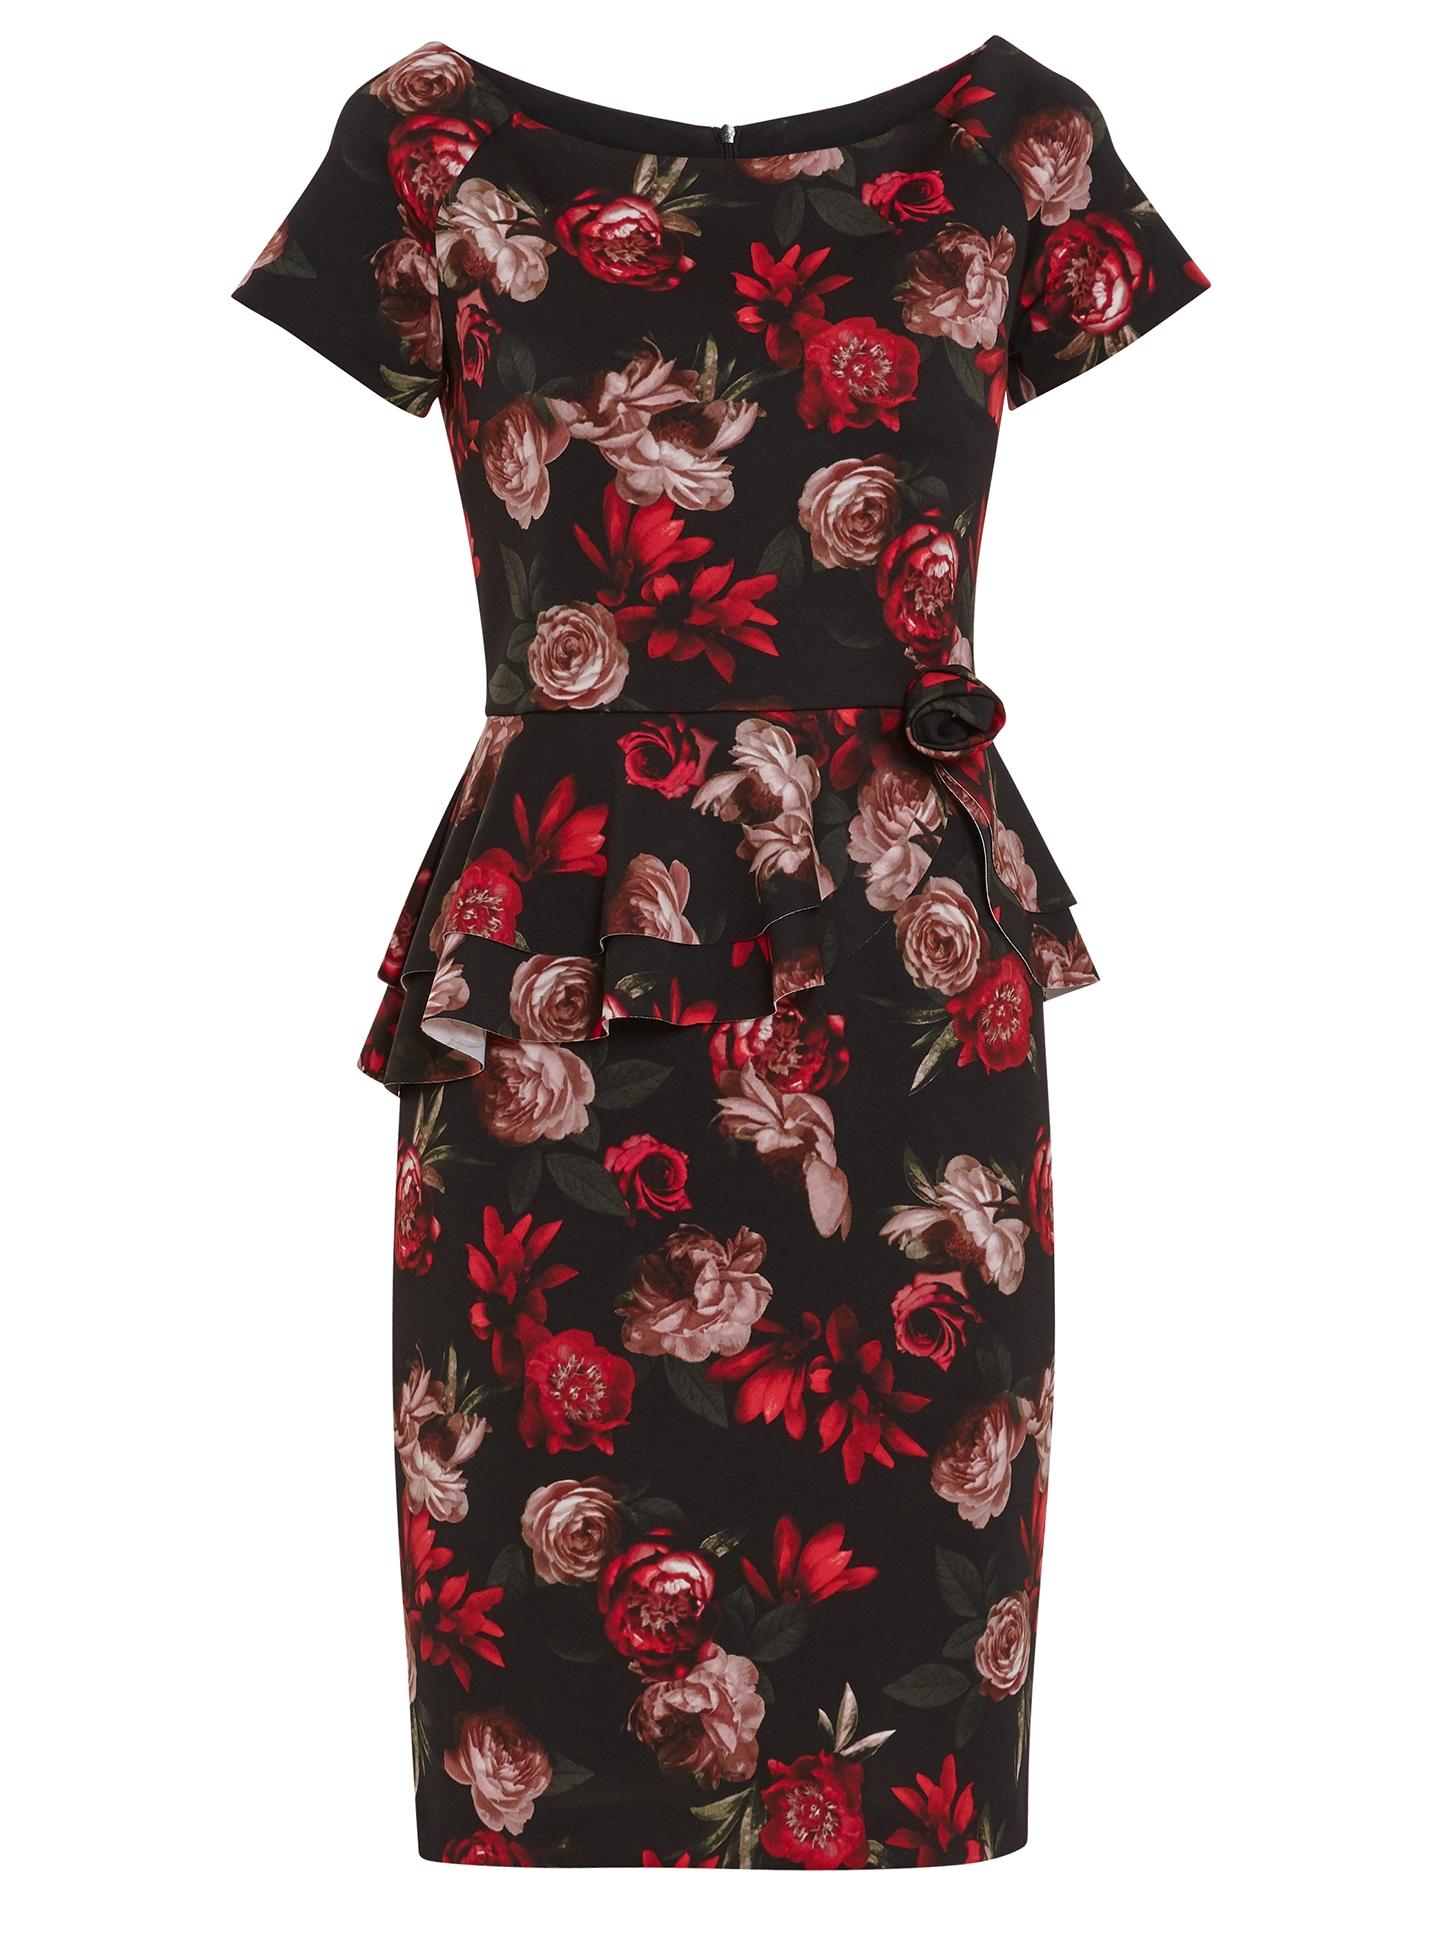 Glorielle Floral Scuba Dress